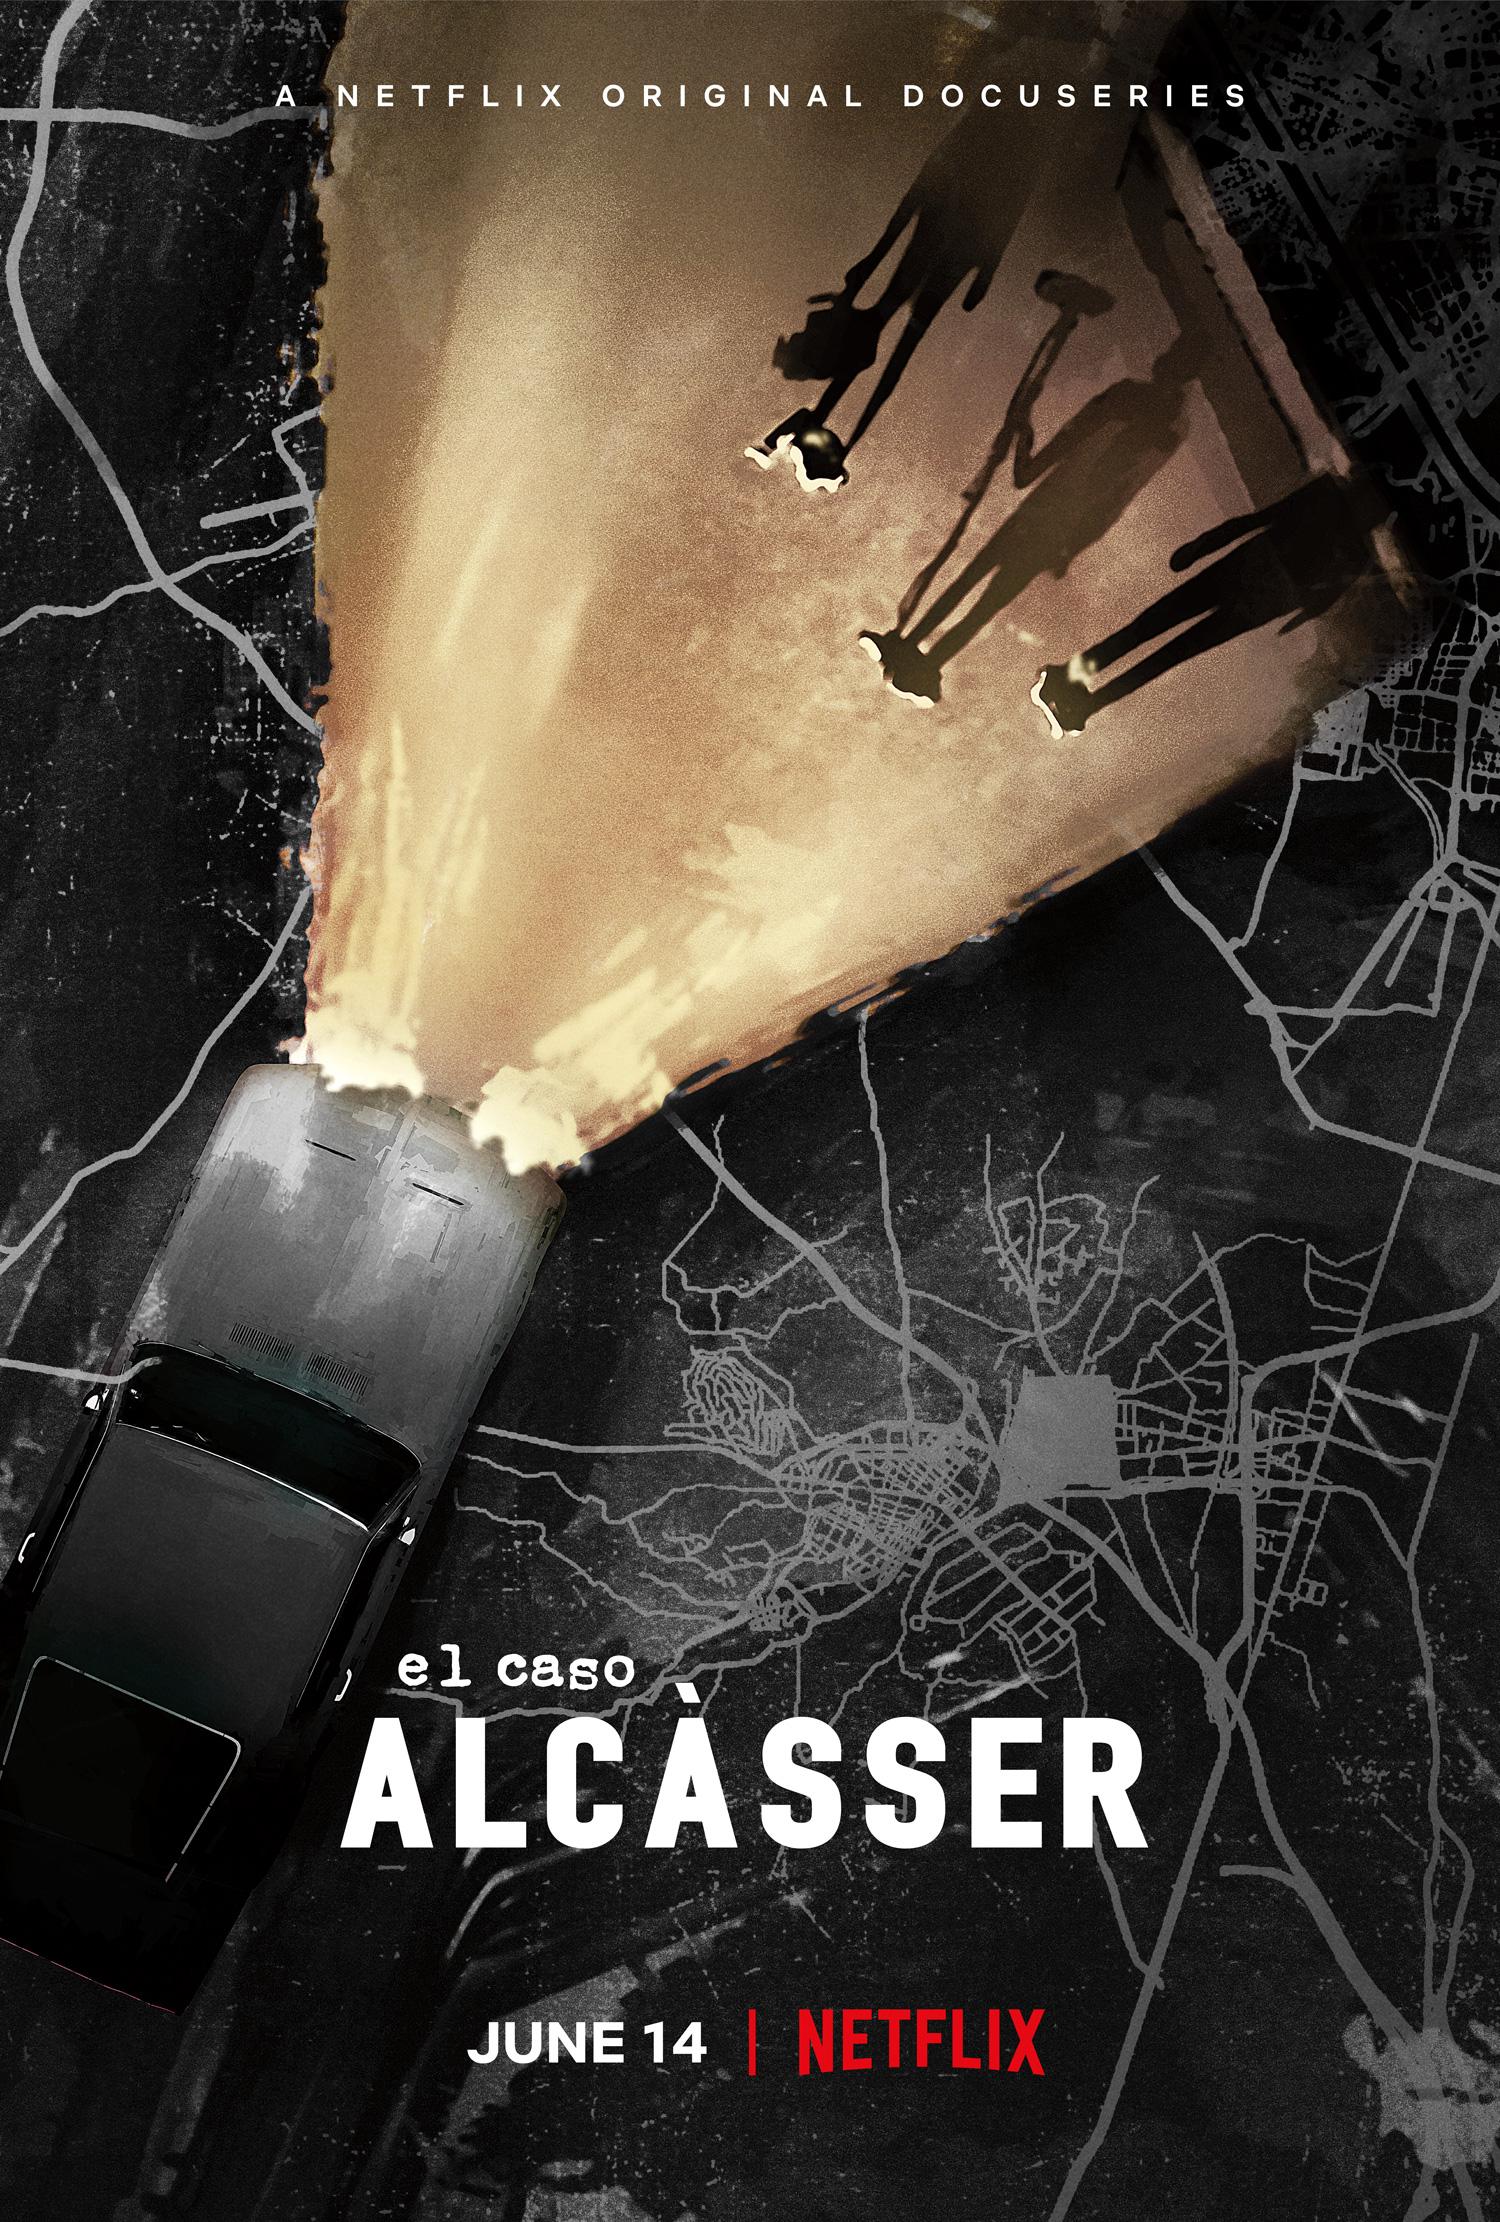 El Caso Alcasser Poster.jpg